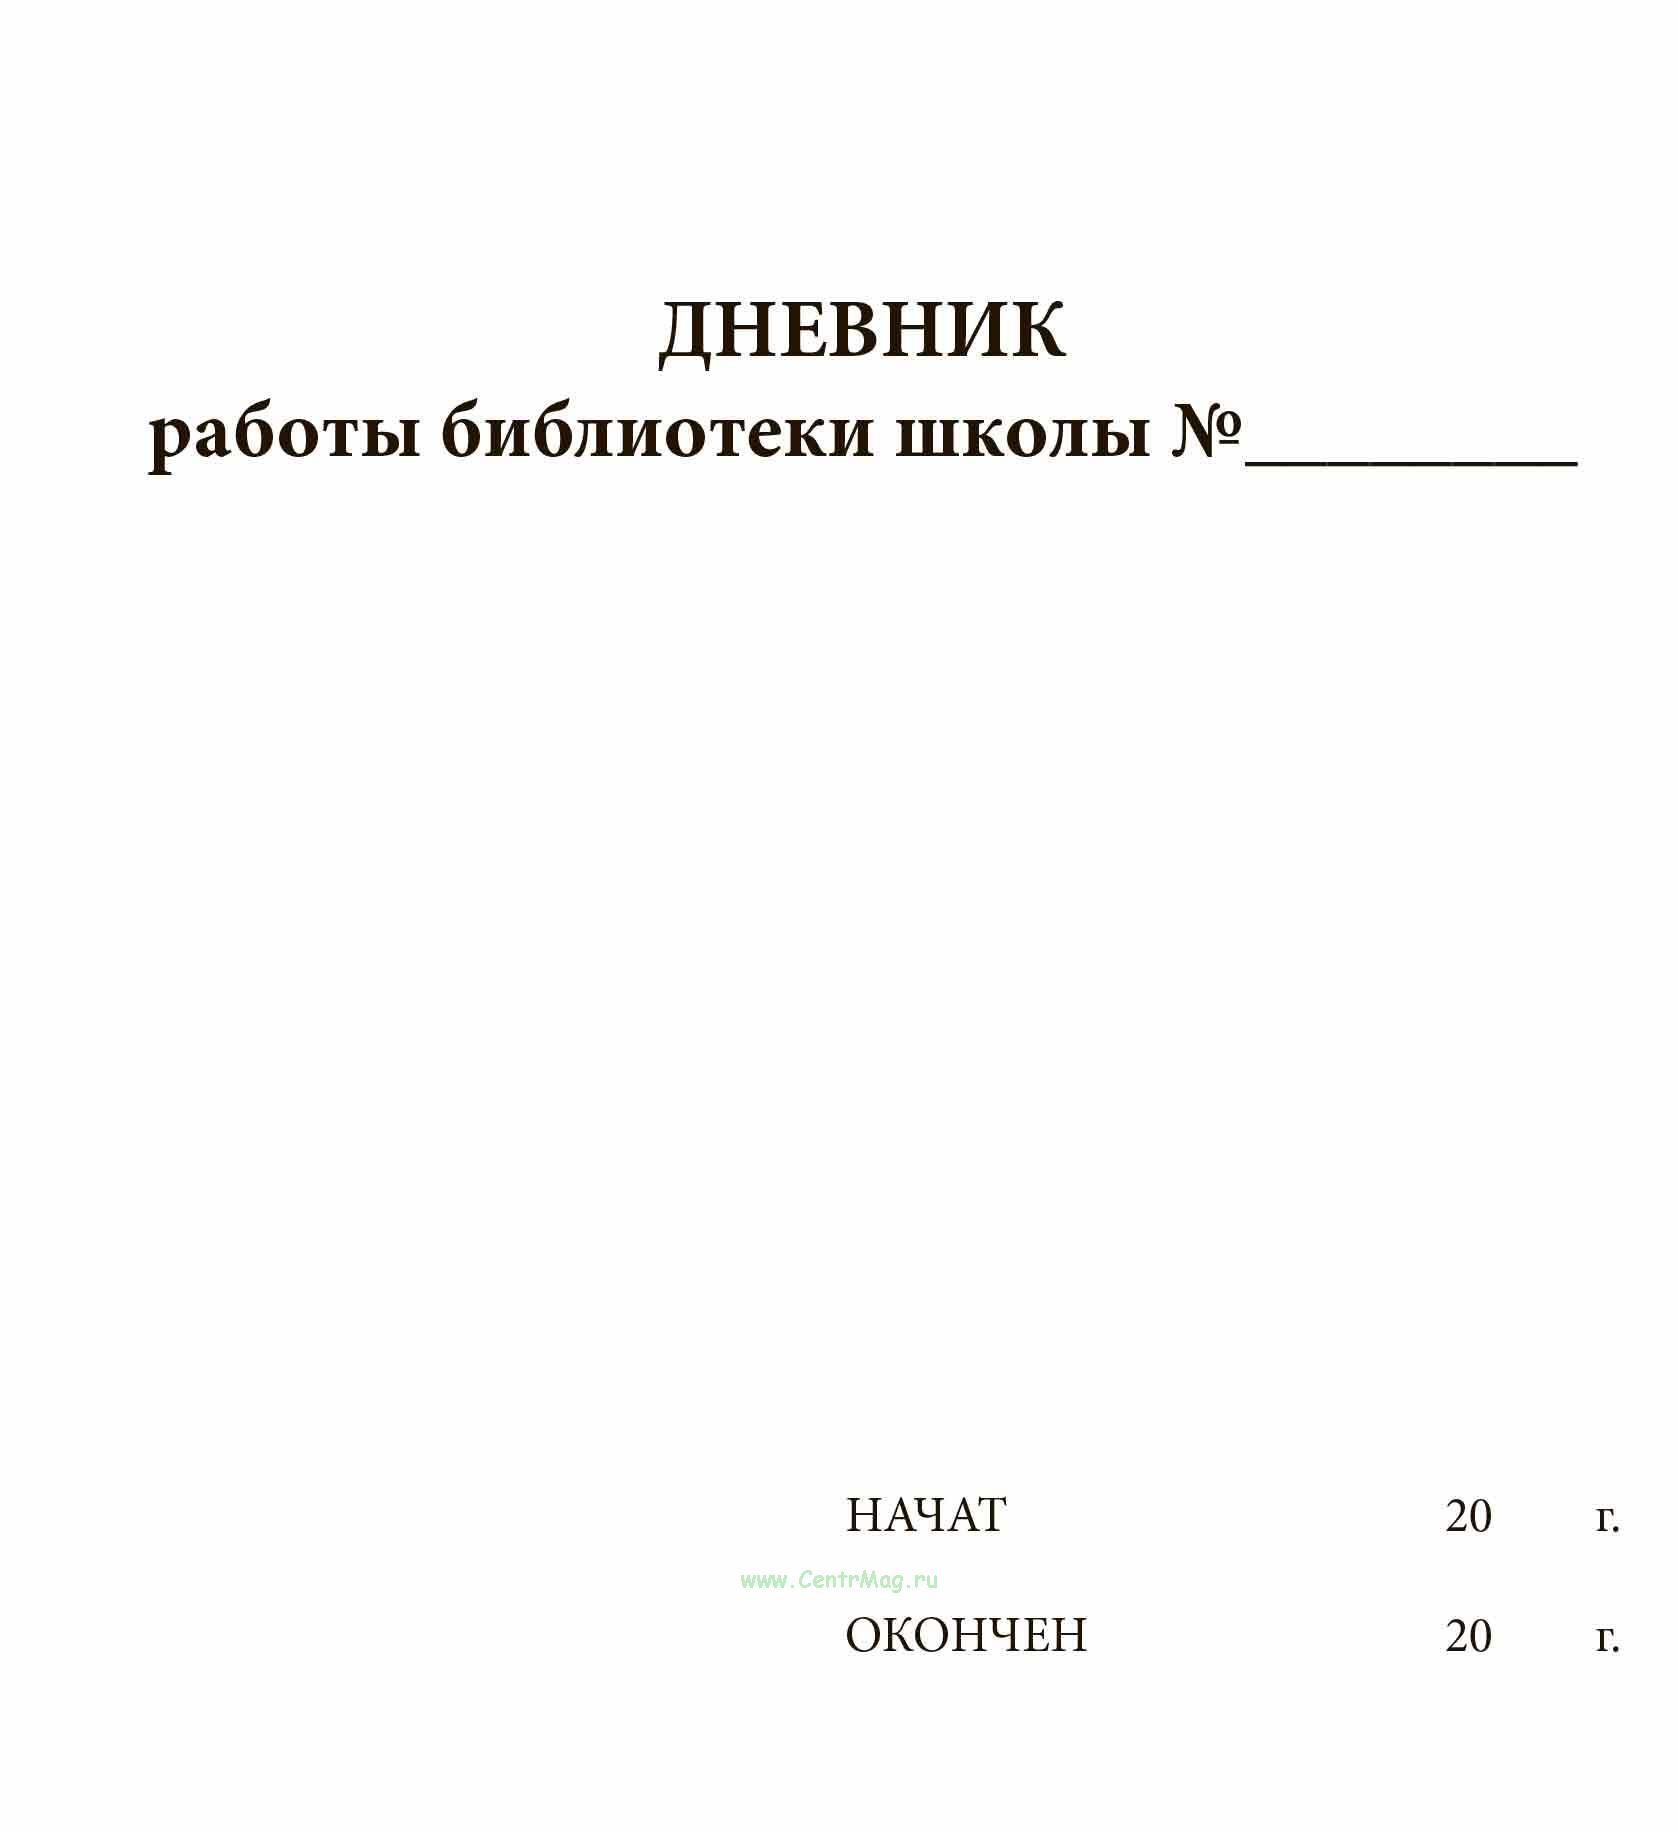 Дневник работы библиотеки школы